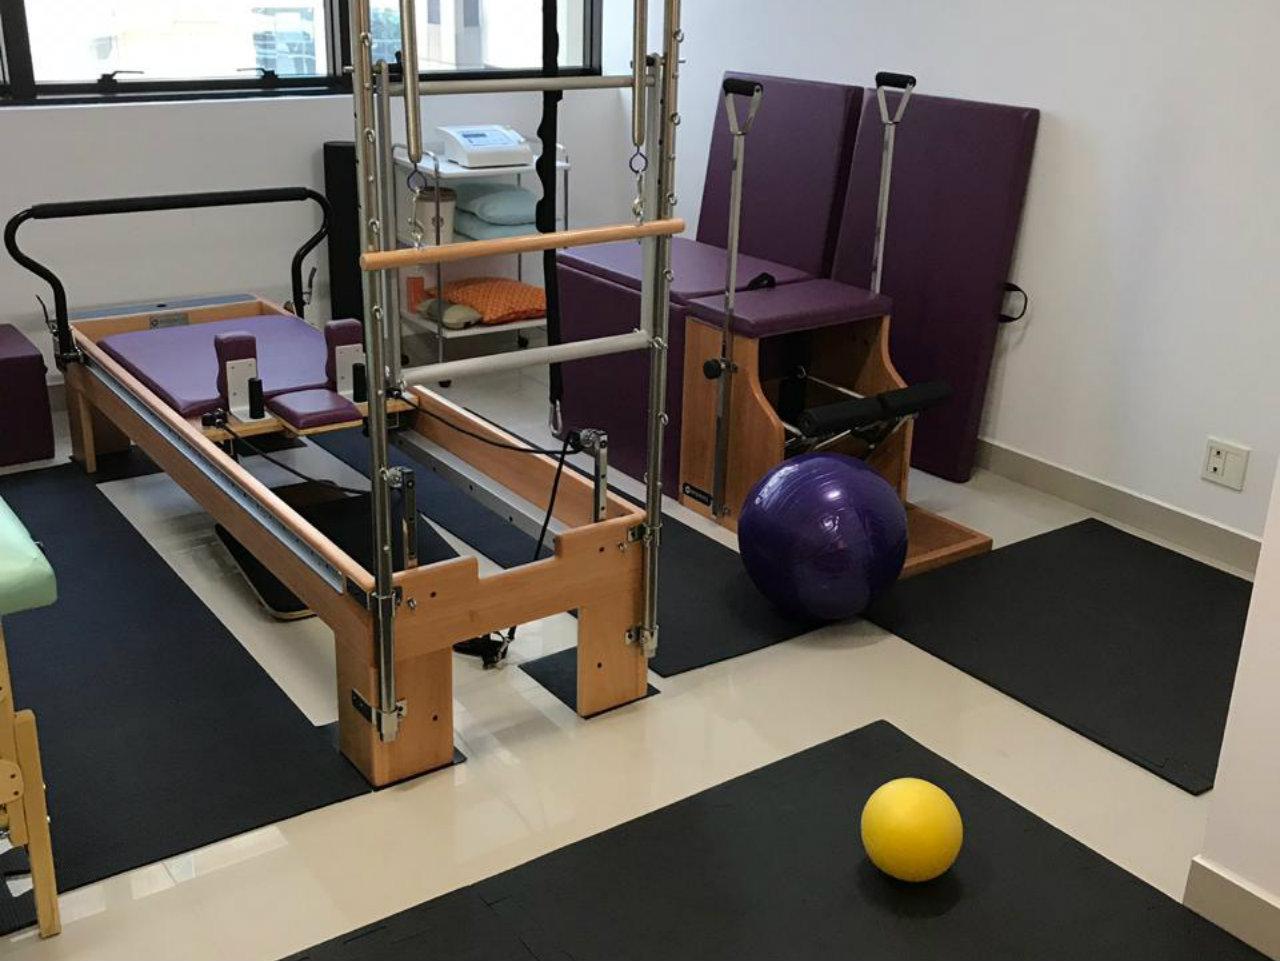 aparelhos para pilates - fisioterapia em moema-